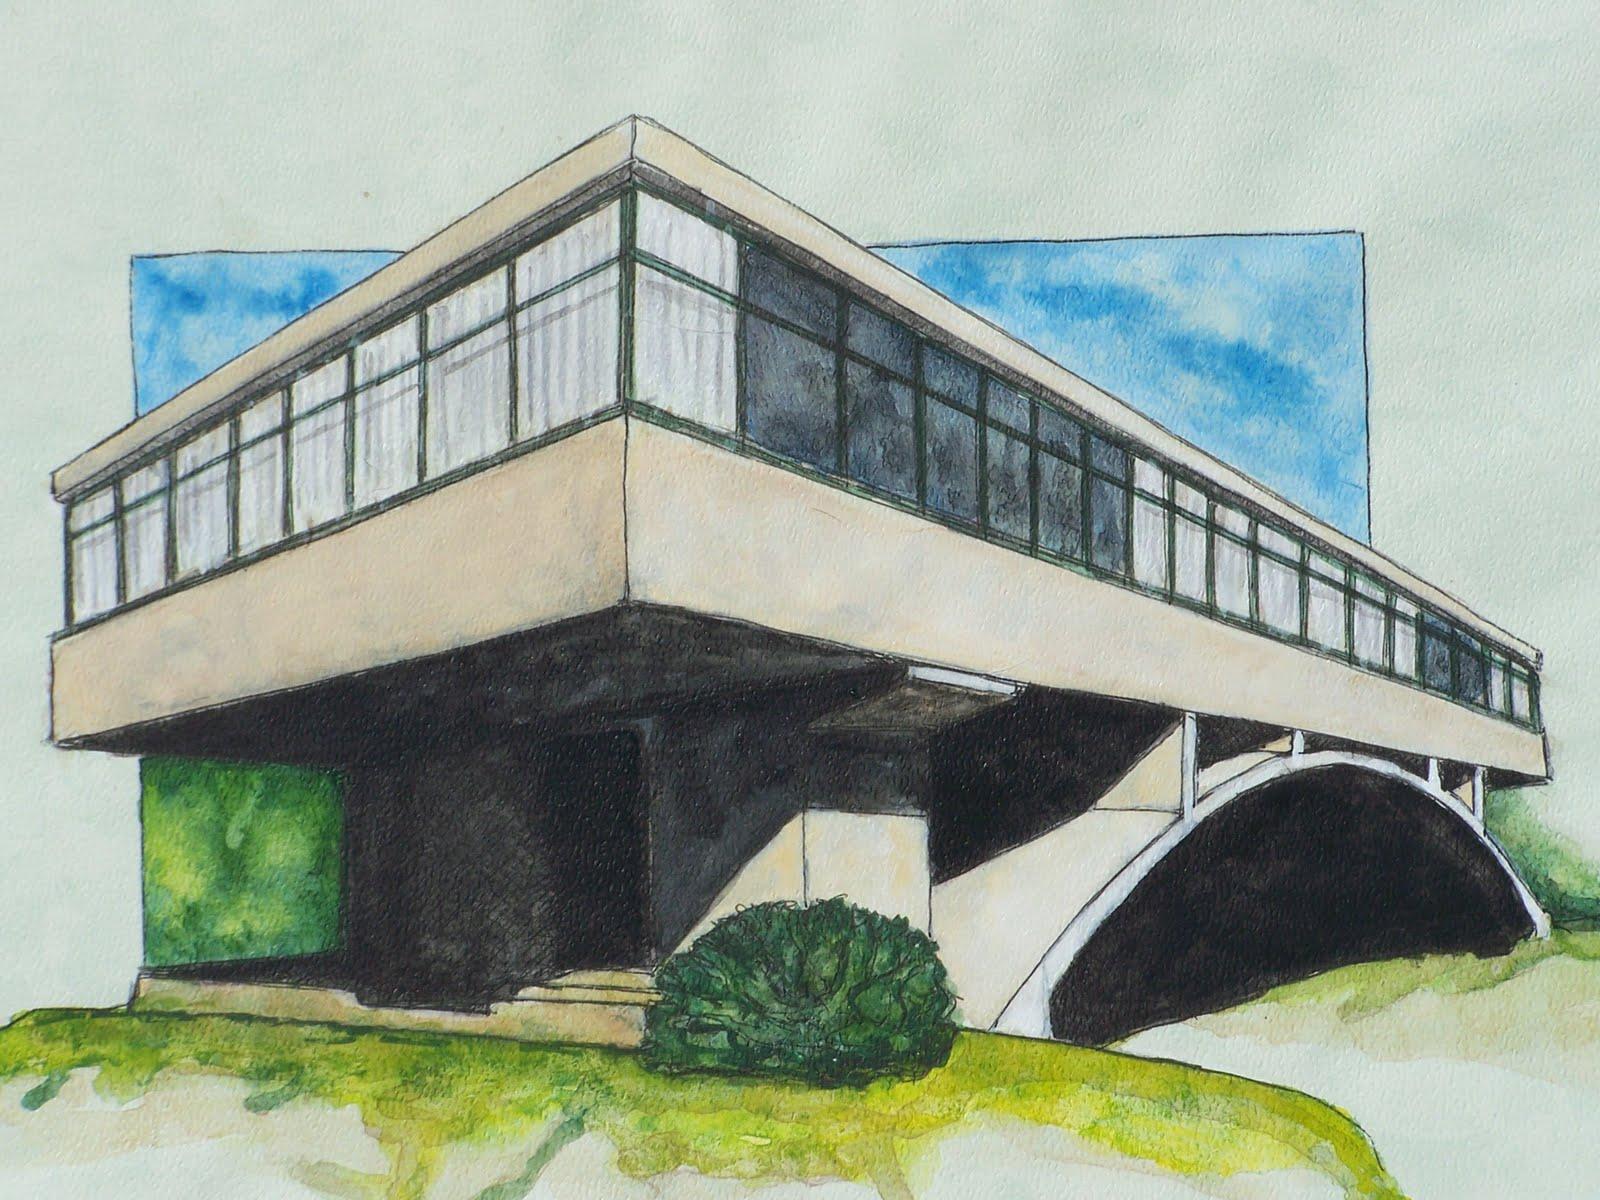 Urbans la casa del puente mar del plata for Casa de diseno la plata